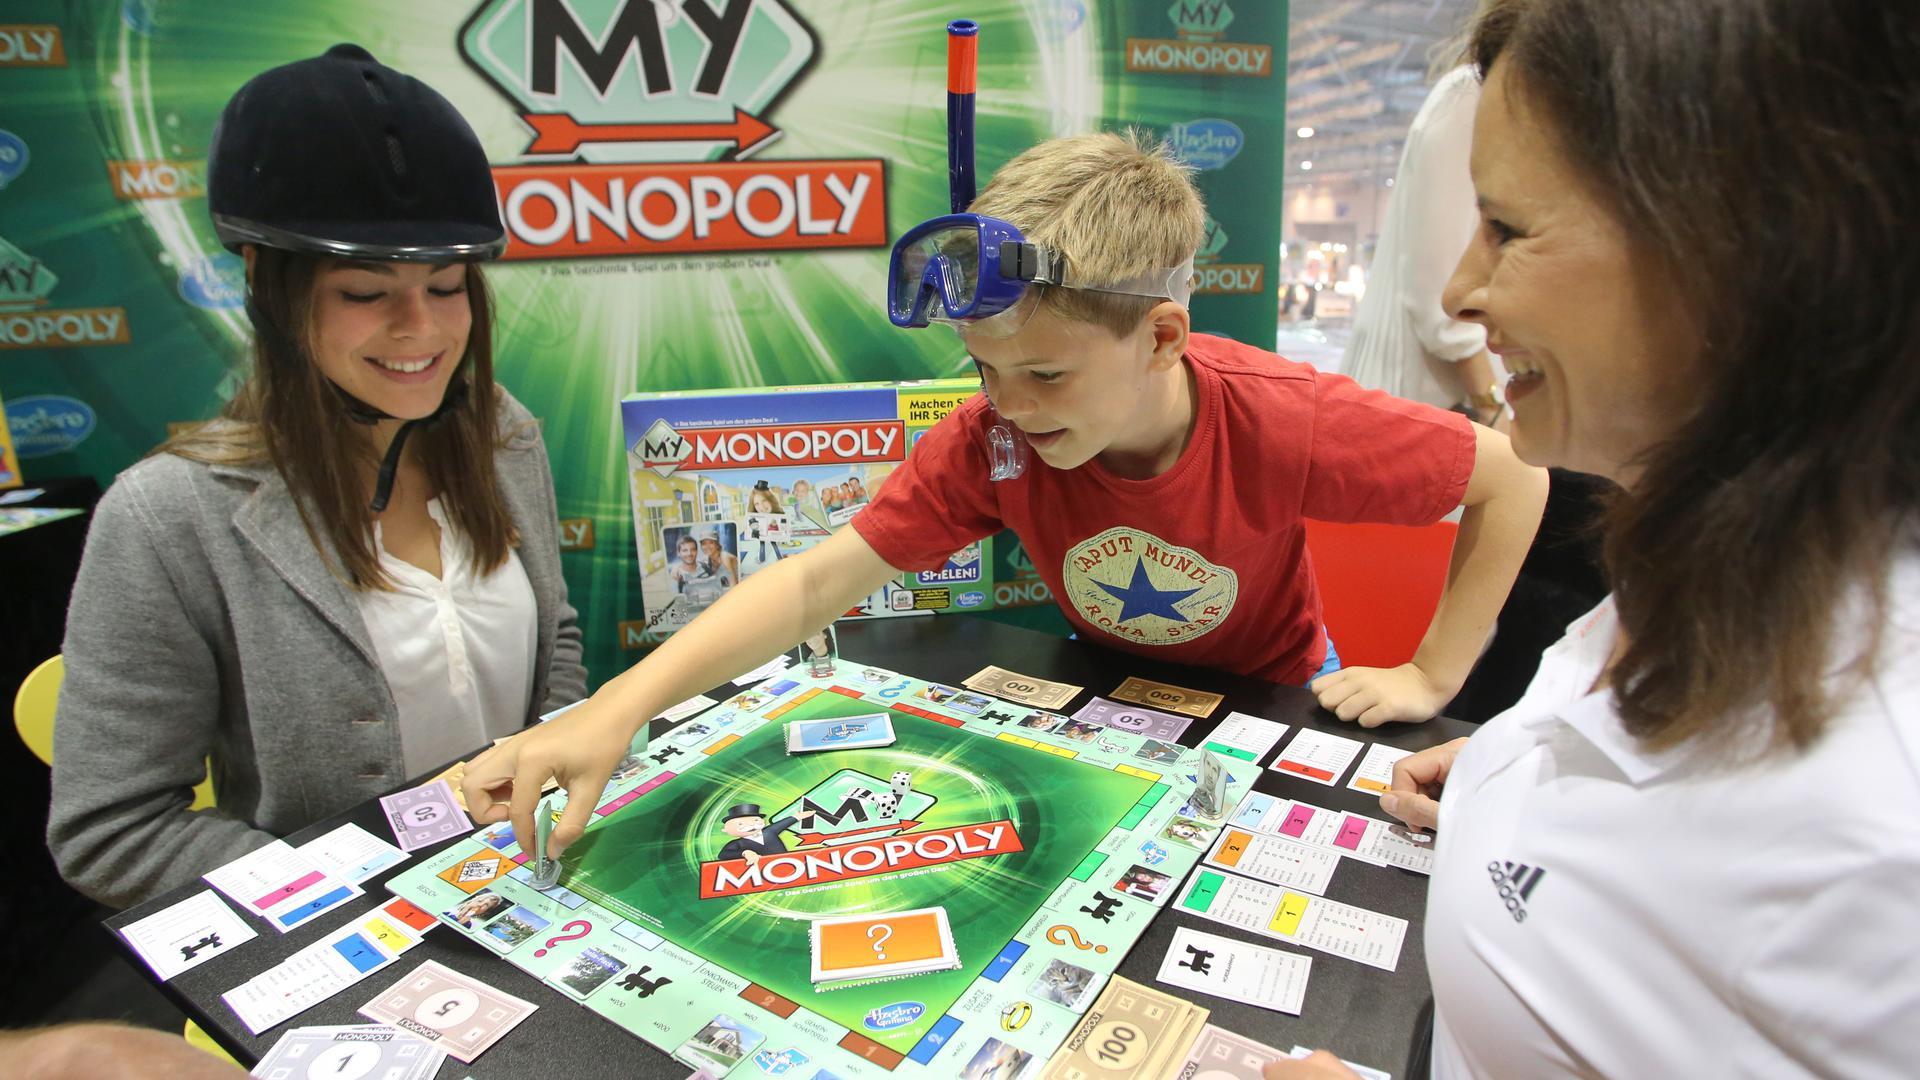 """Das personalisierte Brettspiel """"Monopoly"""" (Hasbro) wird auf der Messe """"Spiel'14"""" in Essen (Nordrhein-Westfalen) von einer Familie getestet."""